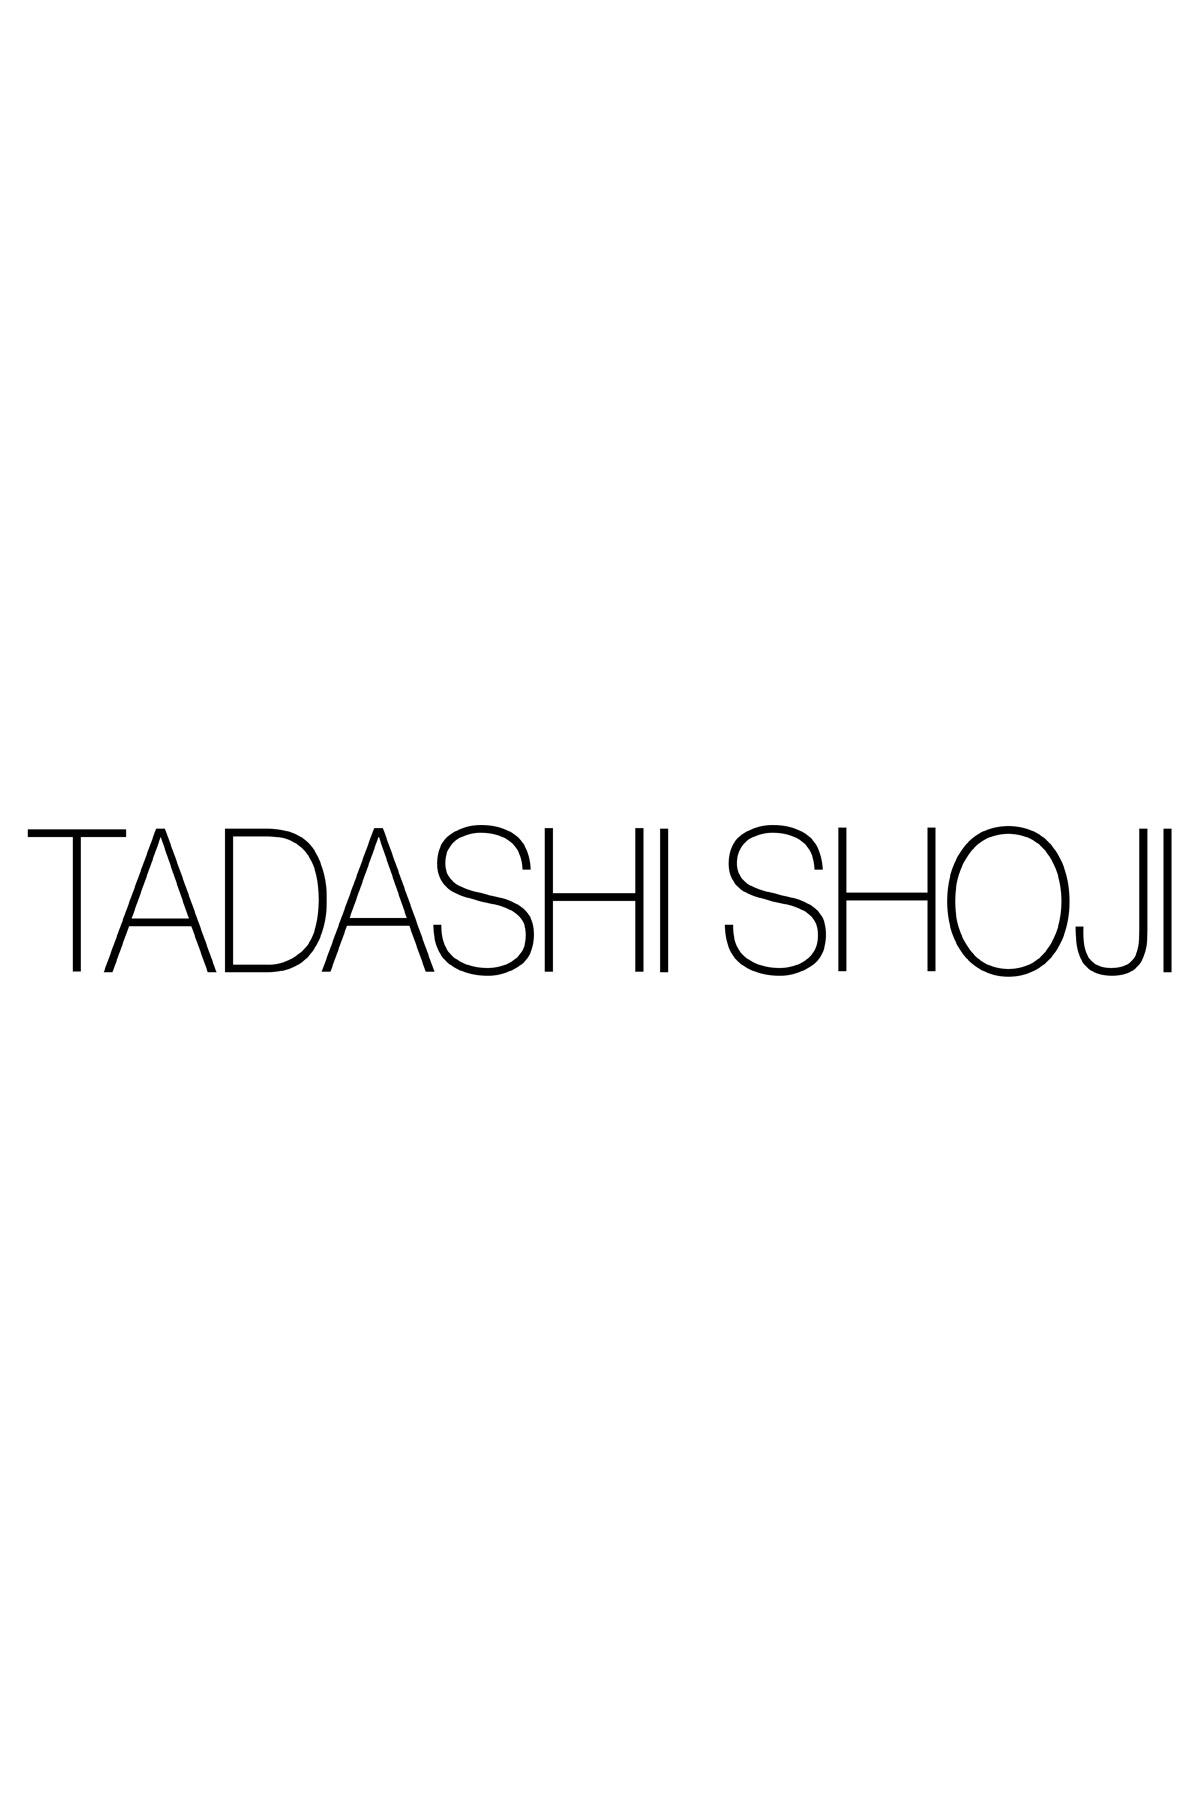 Bazil Sheath Lace Dress